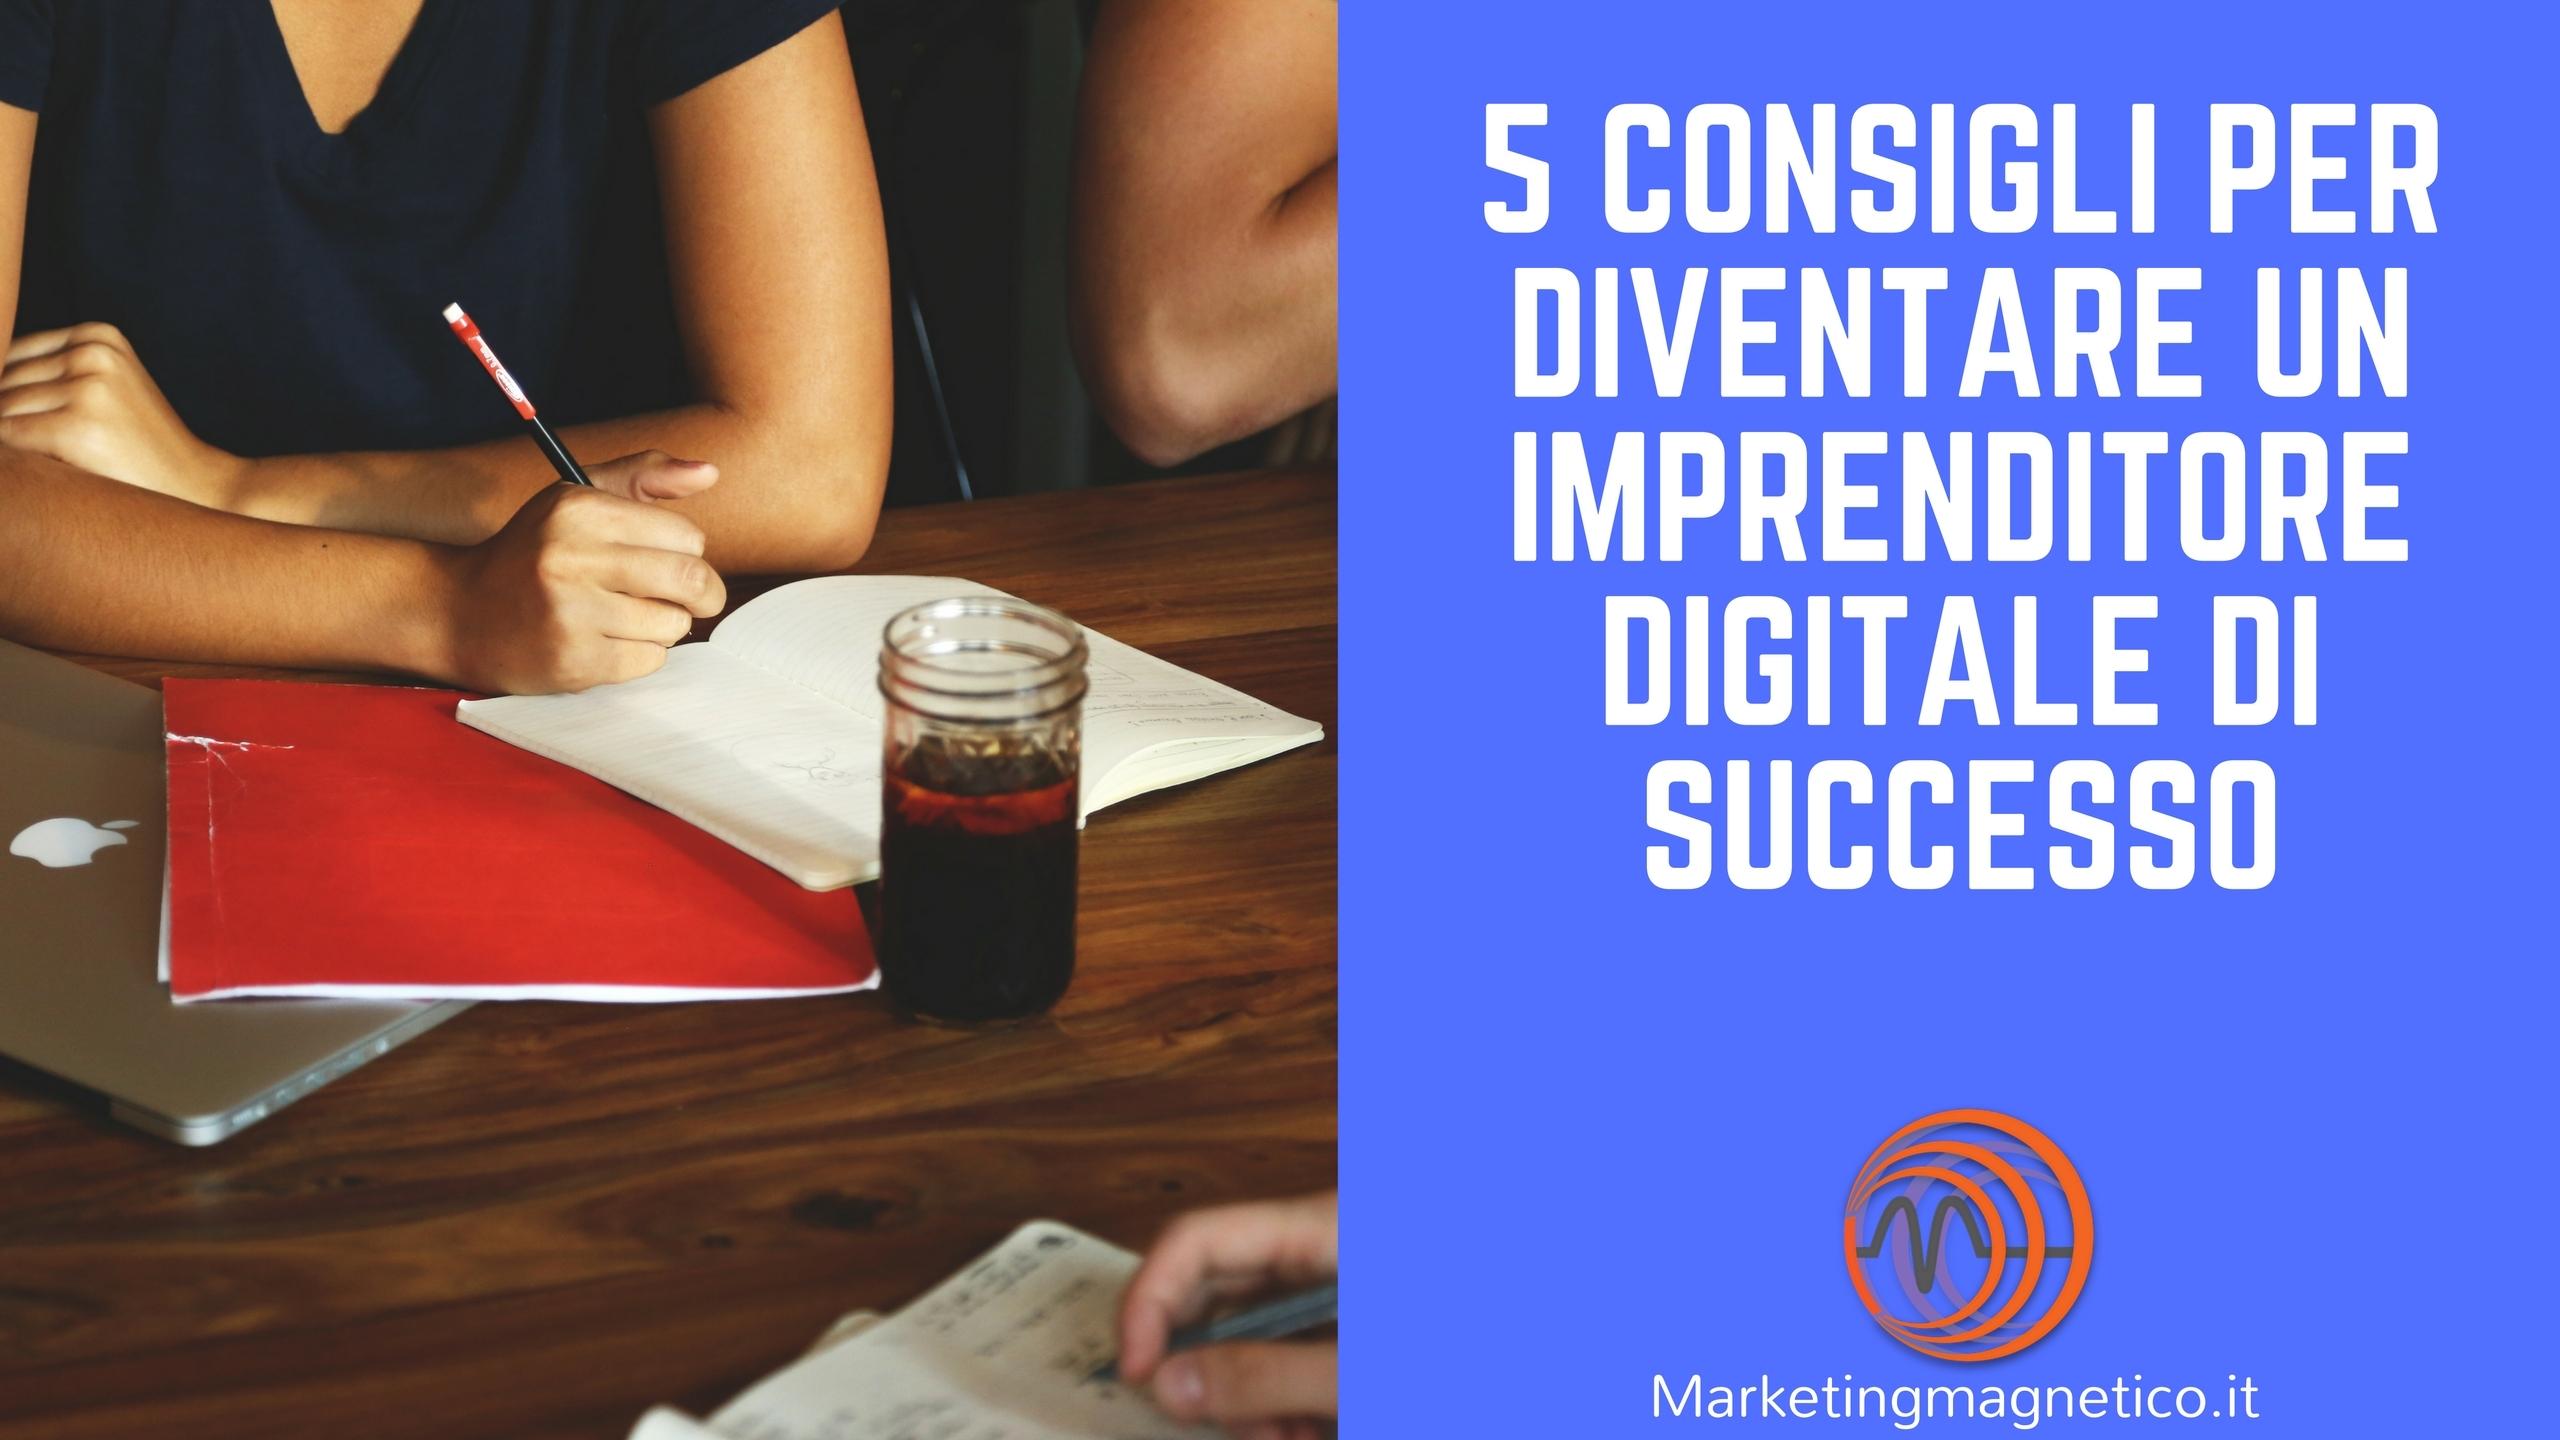 5 Consigli Per Diventare Un Imprenditore Digitale Di Successo